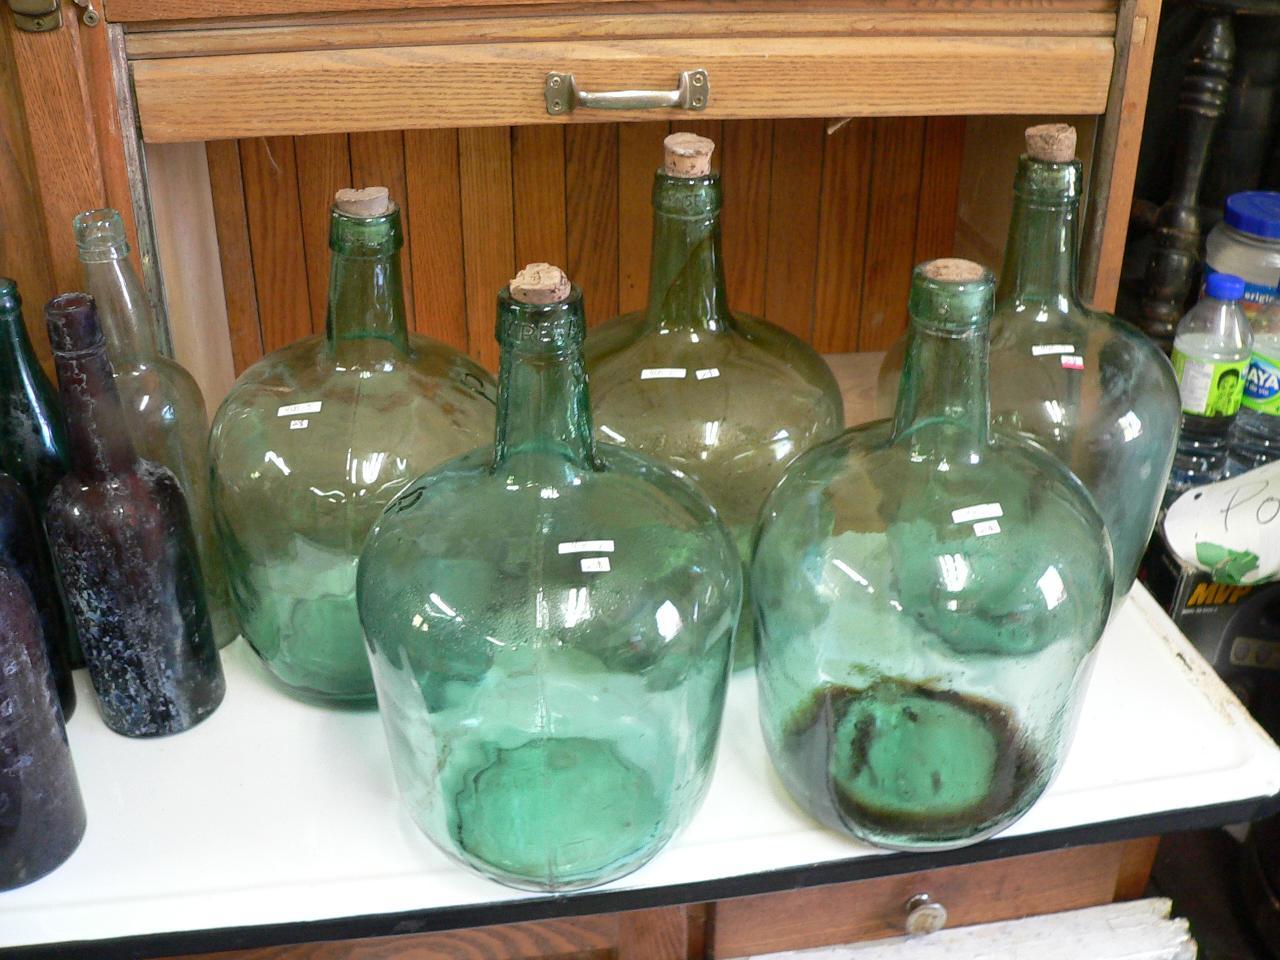 6 belle cruche en verre # 4135